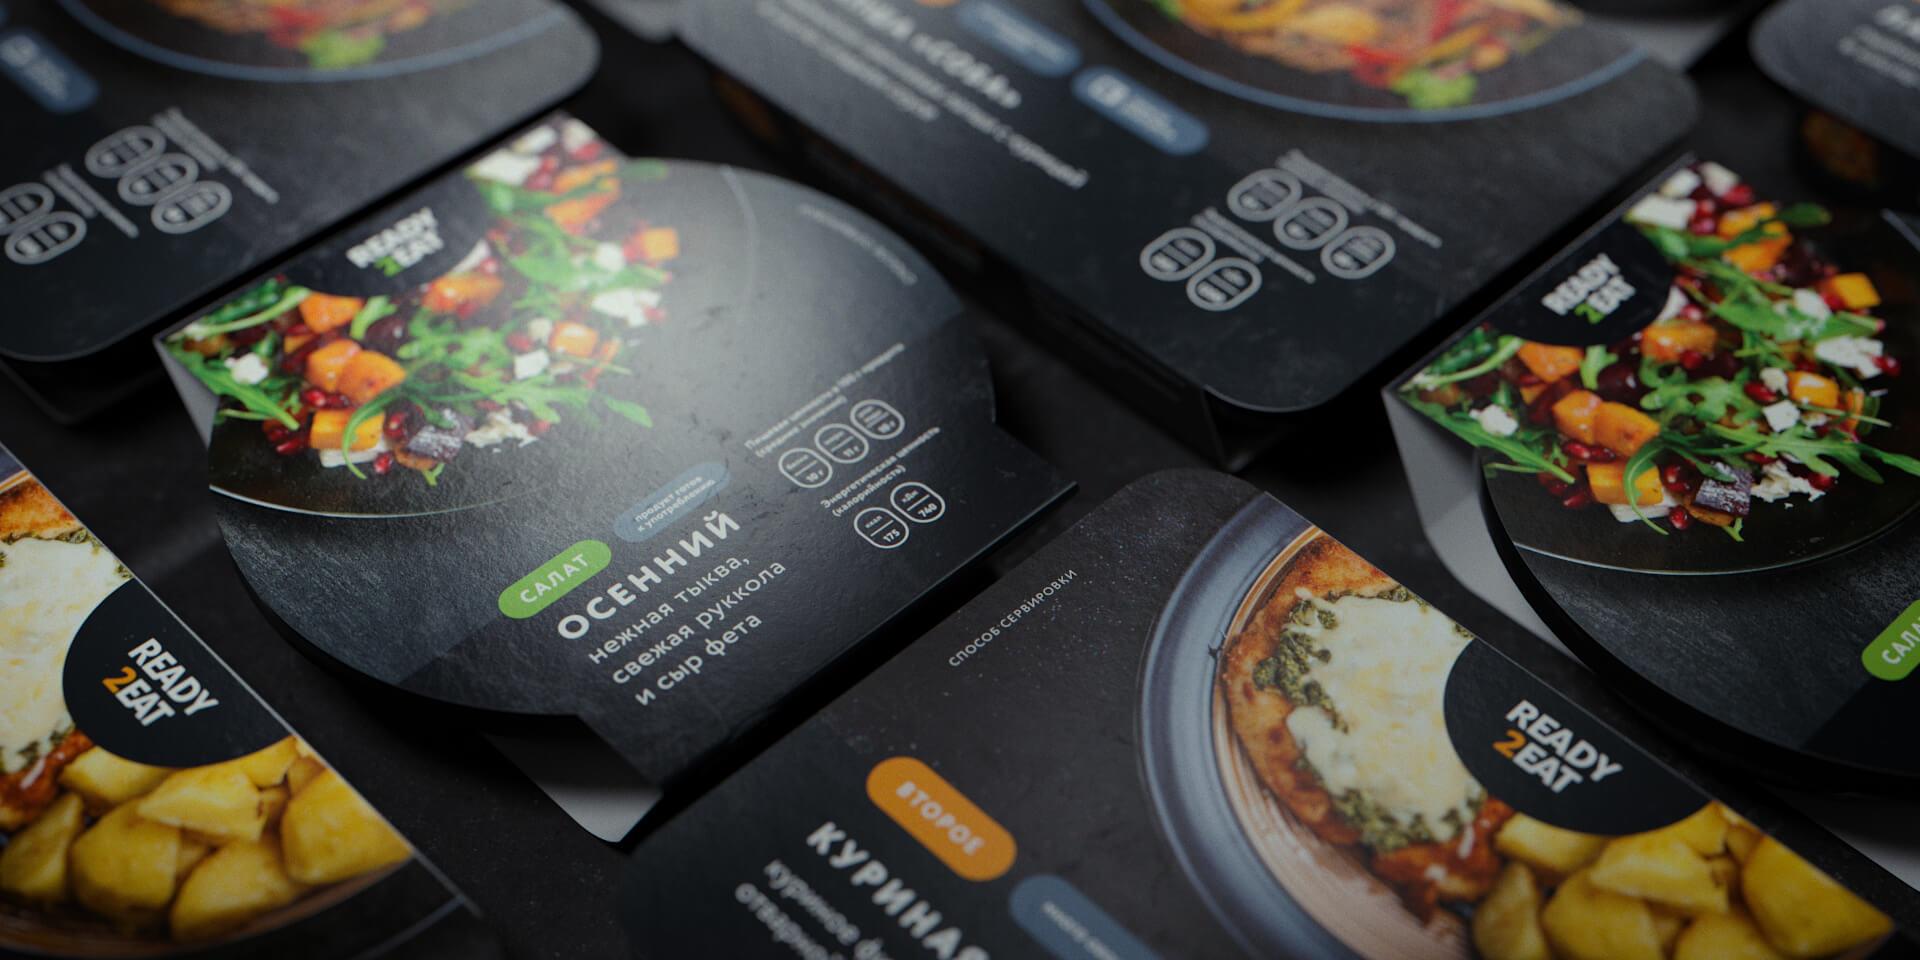 Ready2eat Pre-Prepared Food Packaging Design by Lovemedo Branding Agency